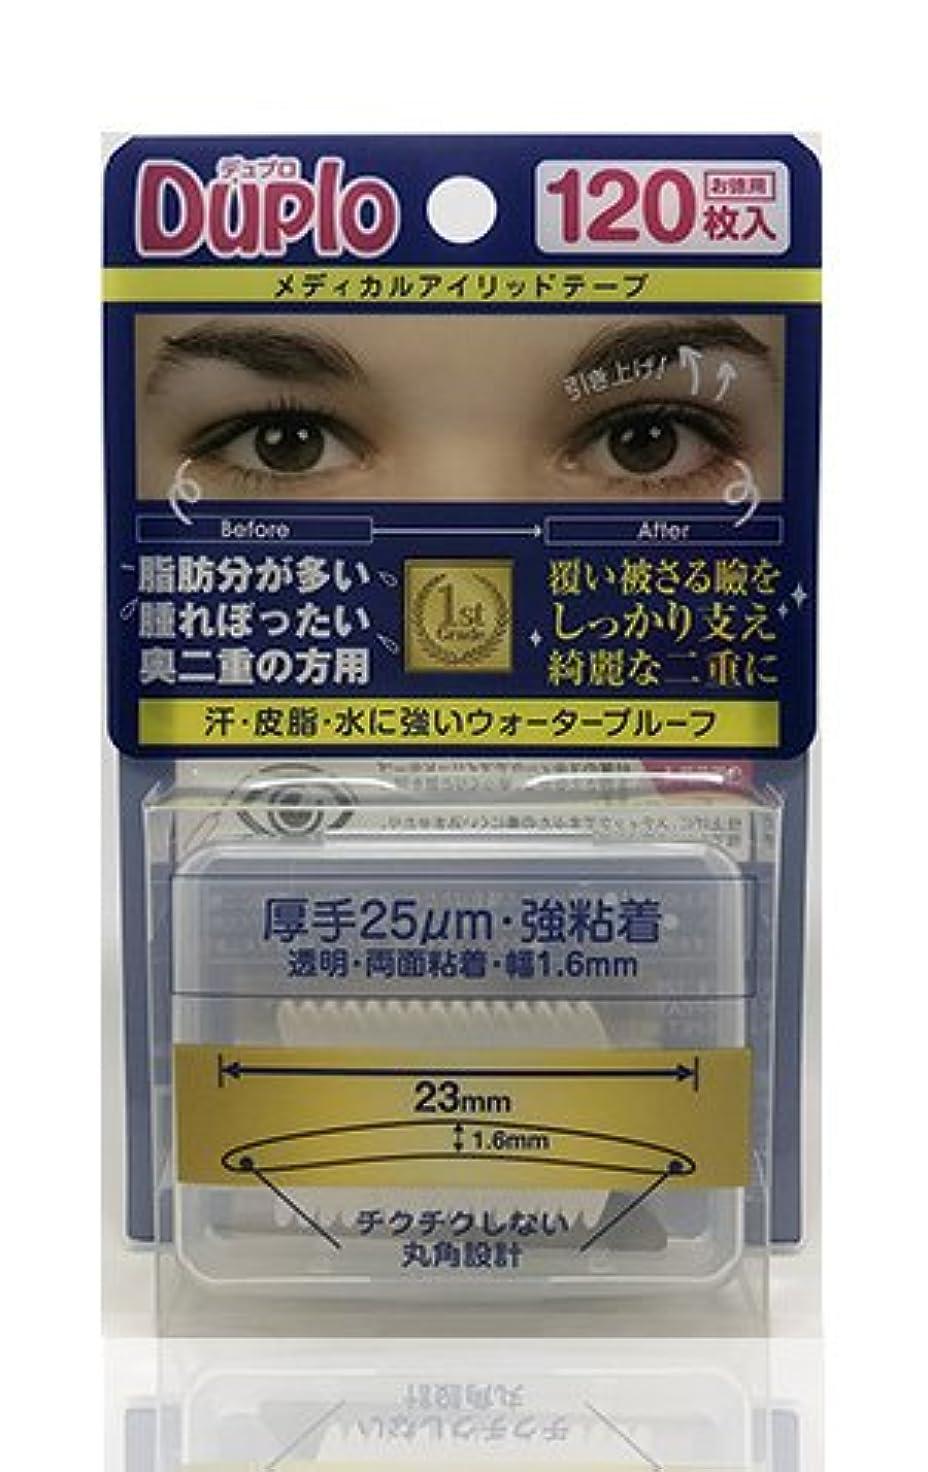 前書き起きるようこそDuplo デュプロ メディカルアイリッドテープ 厚手 25μm 強粘着 (眼瞼下垂防止用テープ) 透明?両面 120枚入